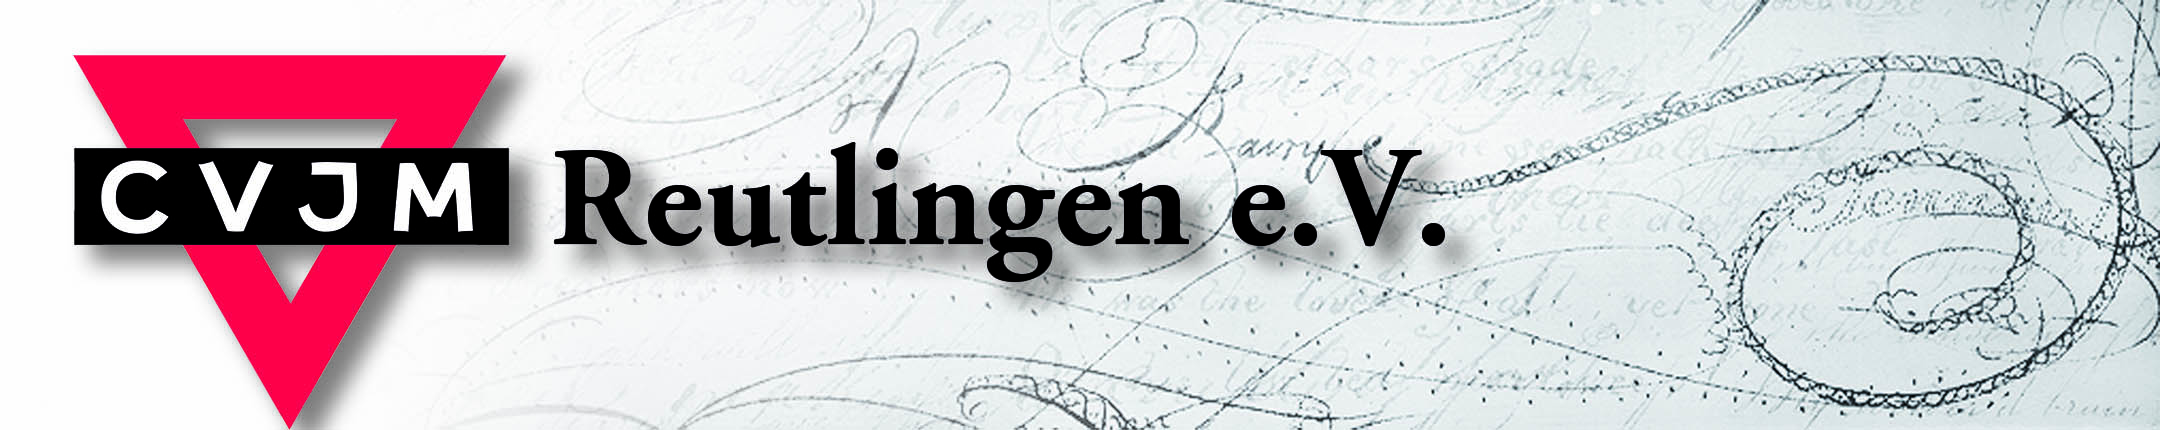 CVJM Reutlingen e.V.